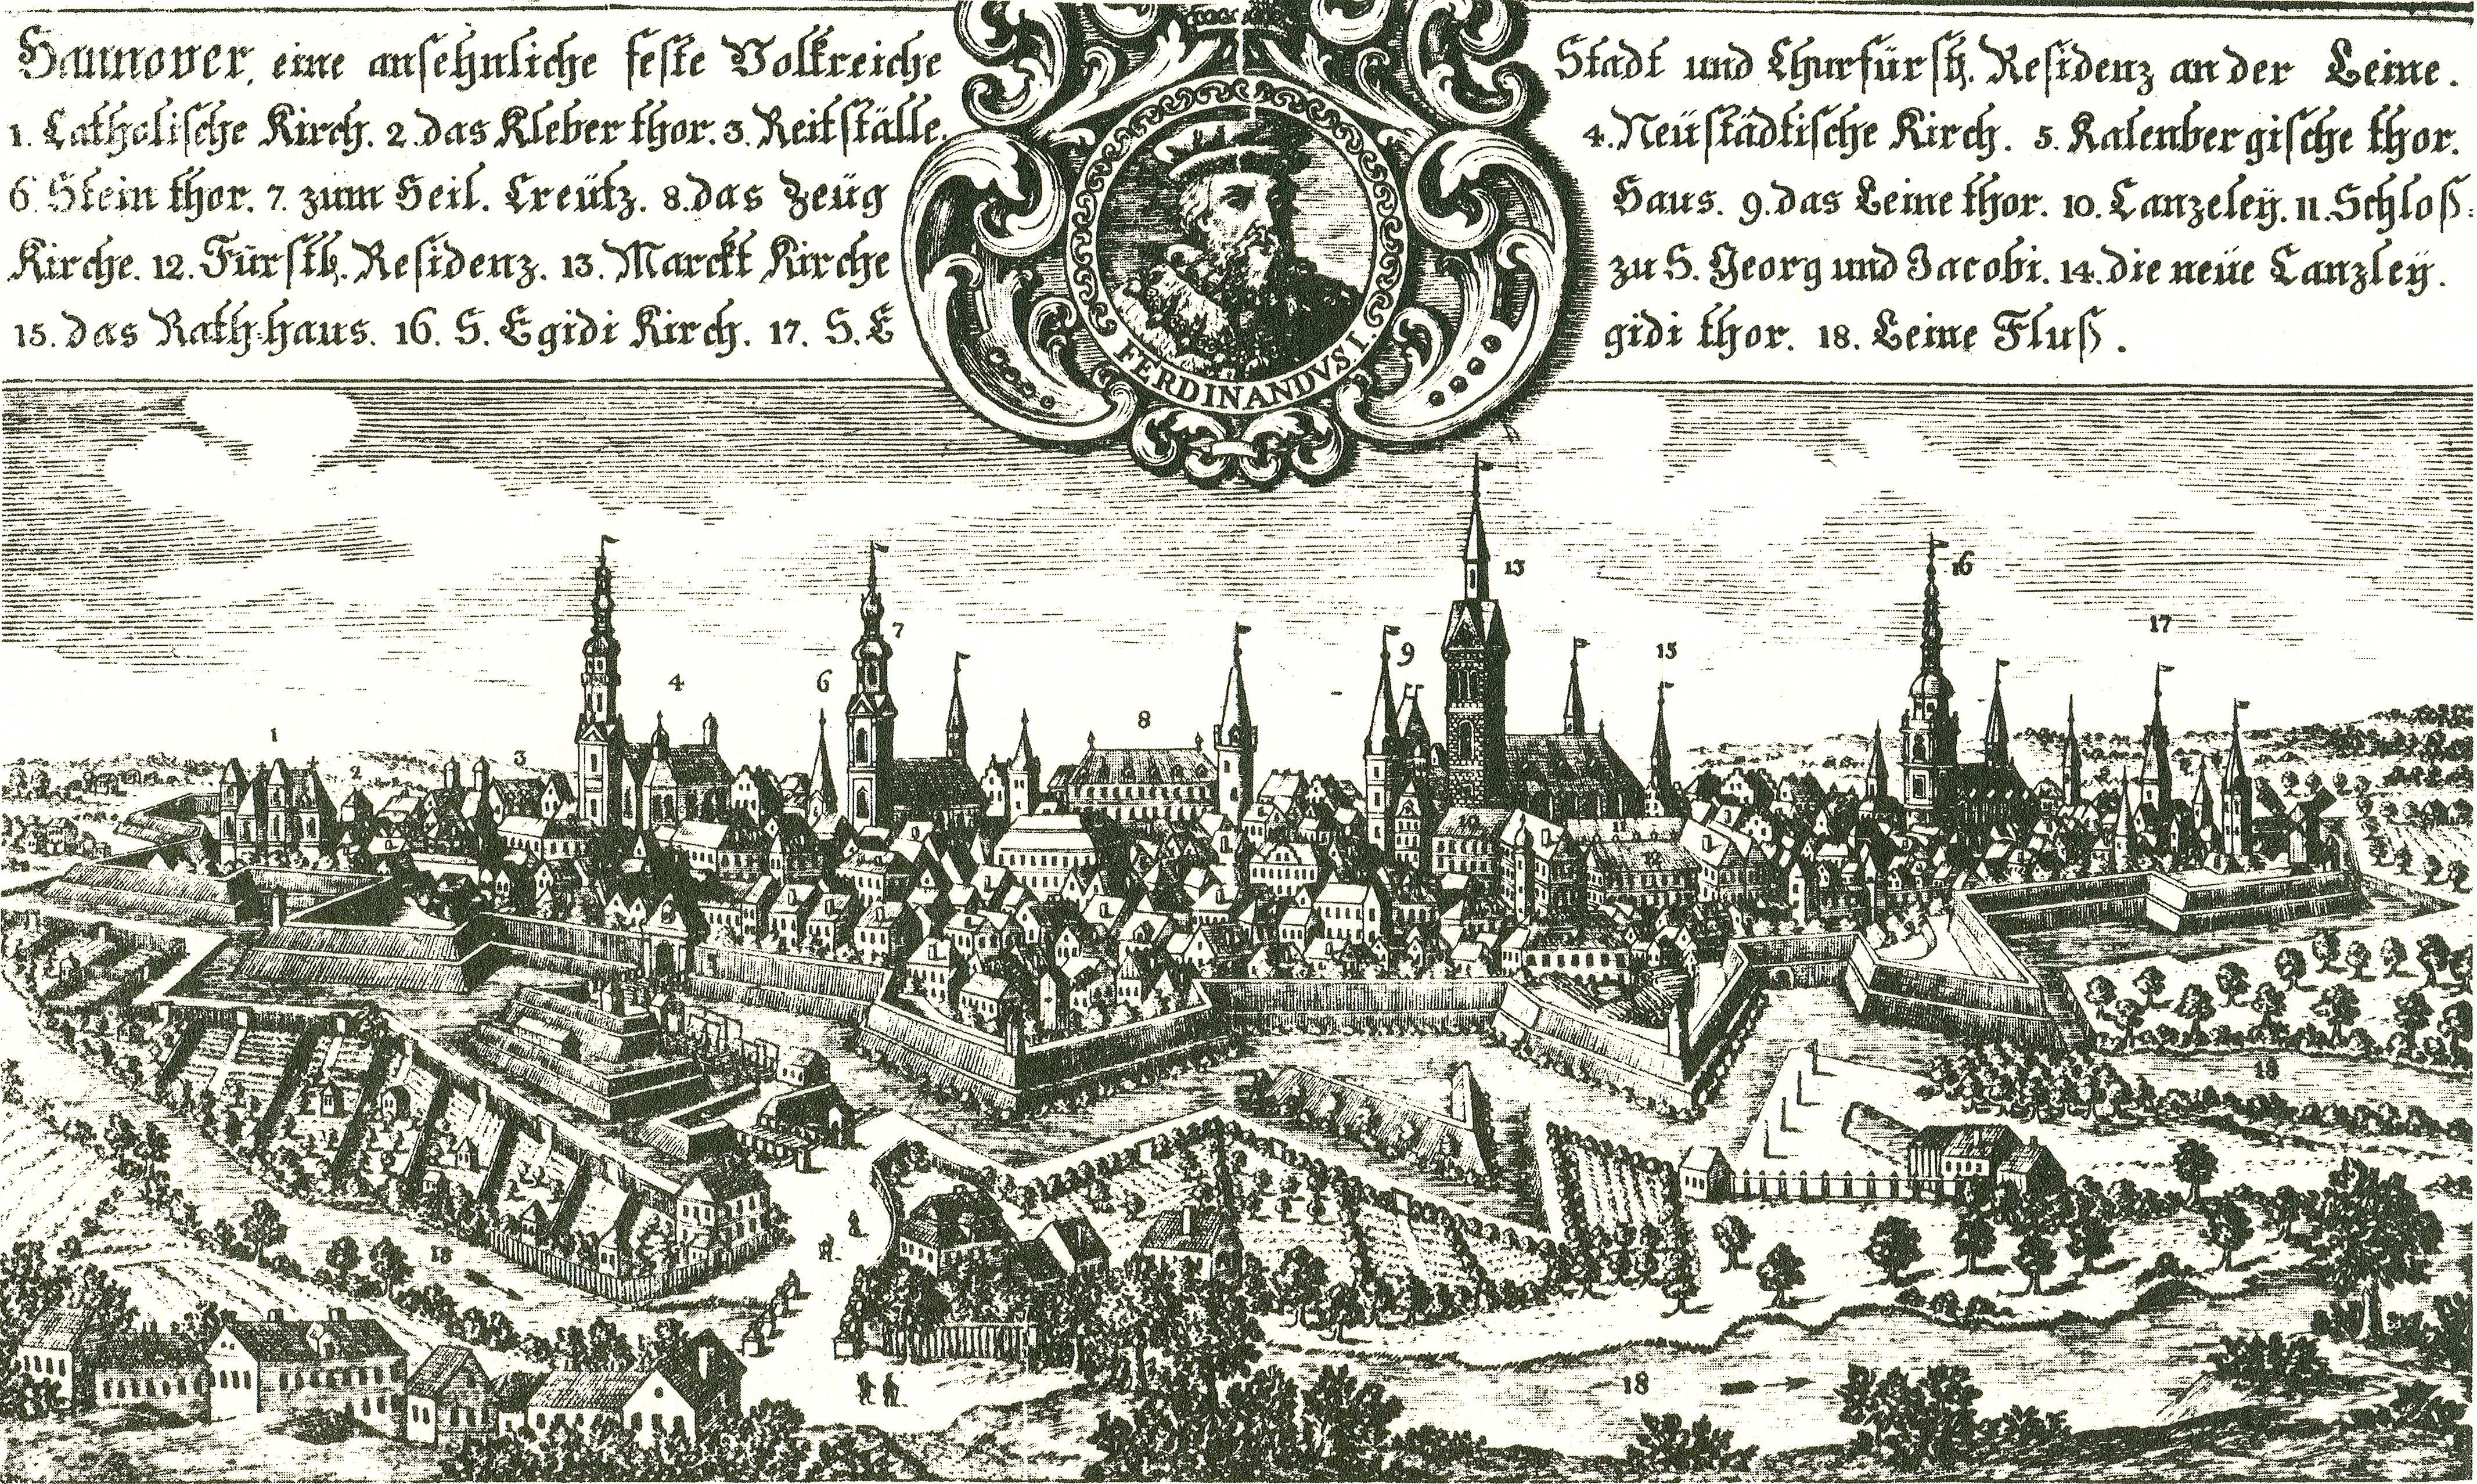 File:1735 1785 Kupferstich Hannover von Westen, nach Friedrich Bernhard  Werner und Johann Friedrich